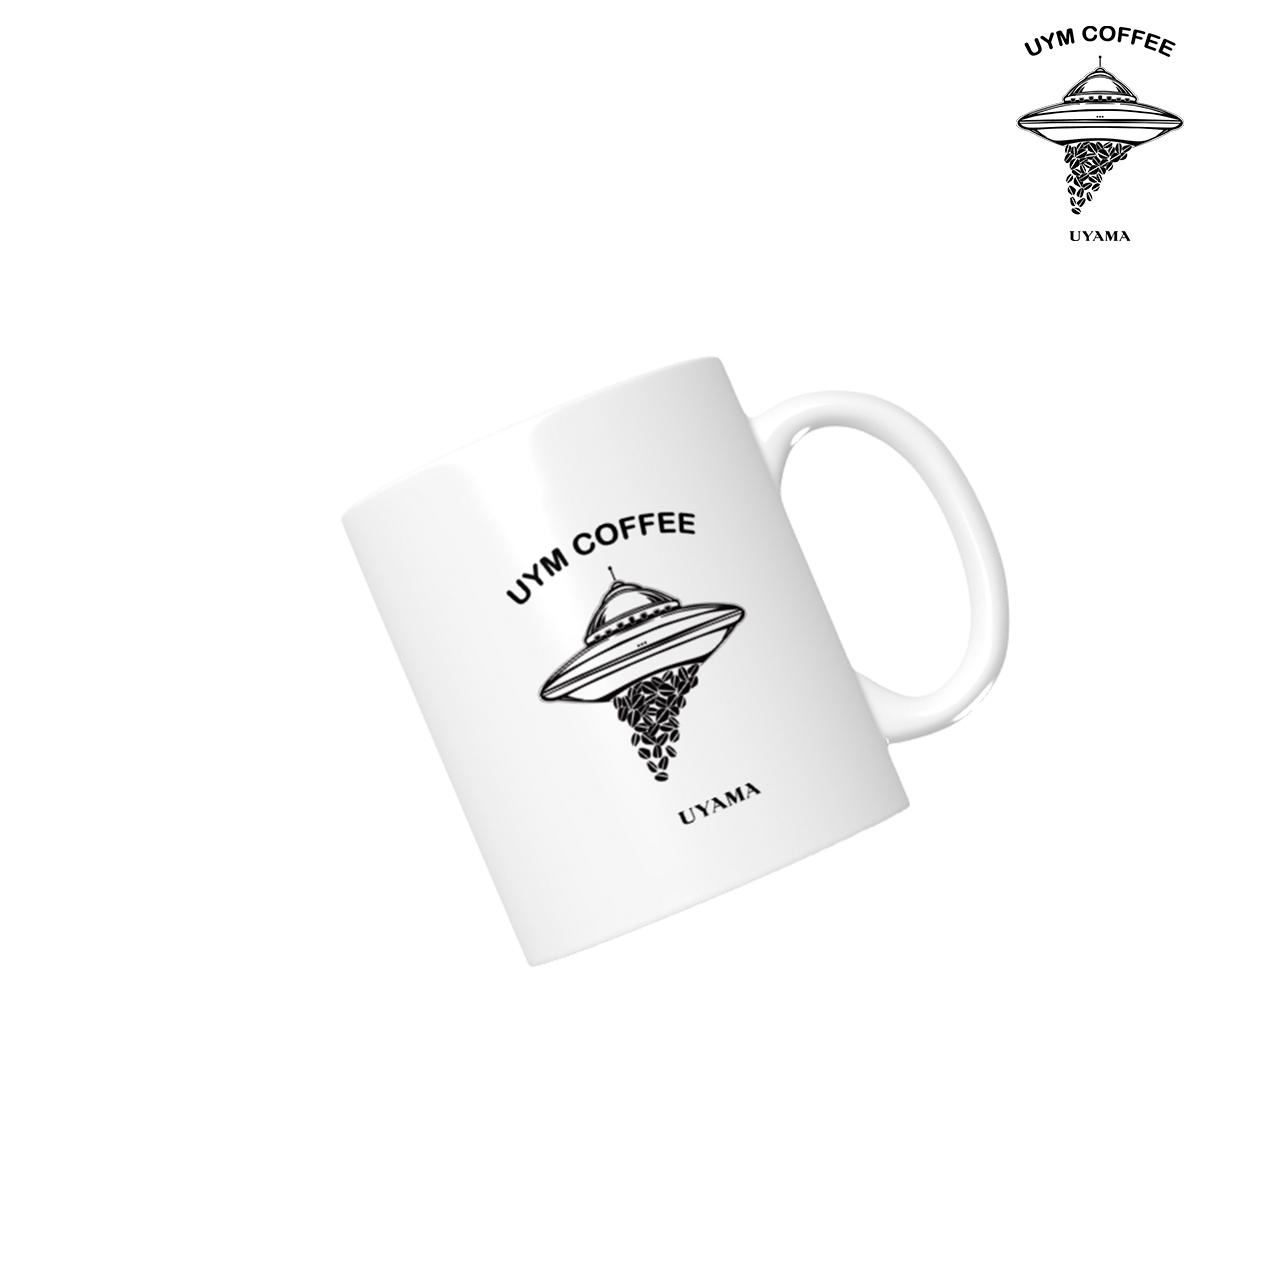 UYM COFFEE マグカップ